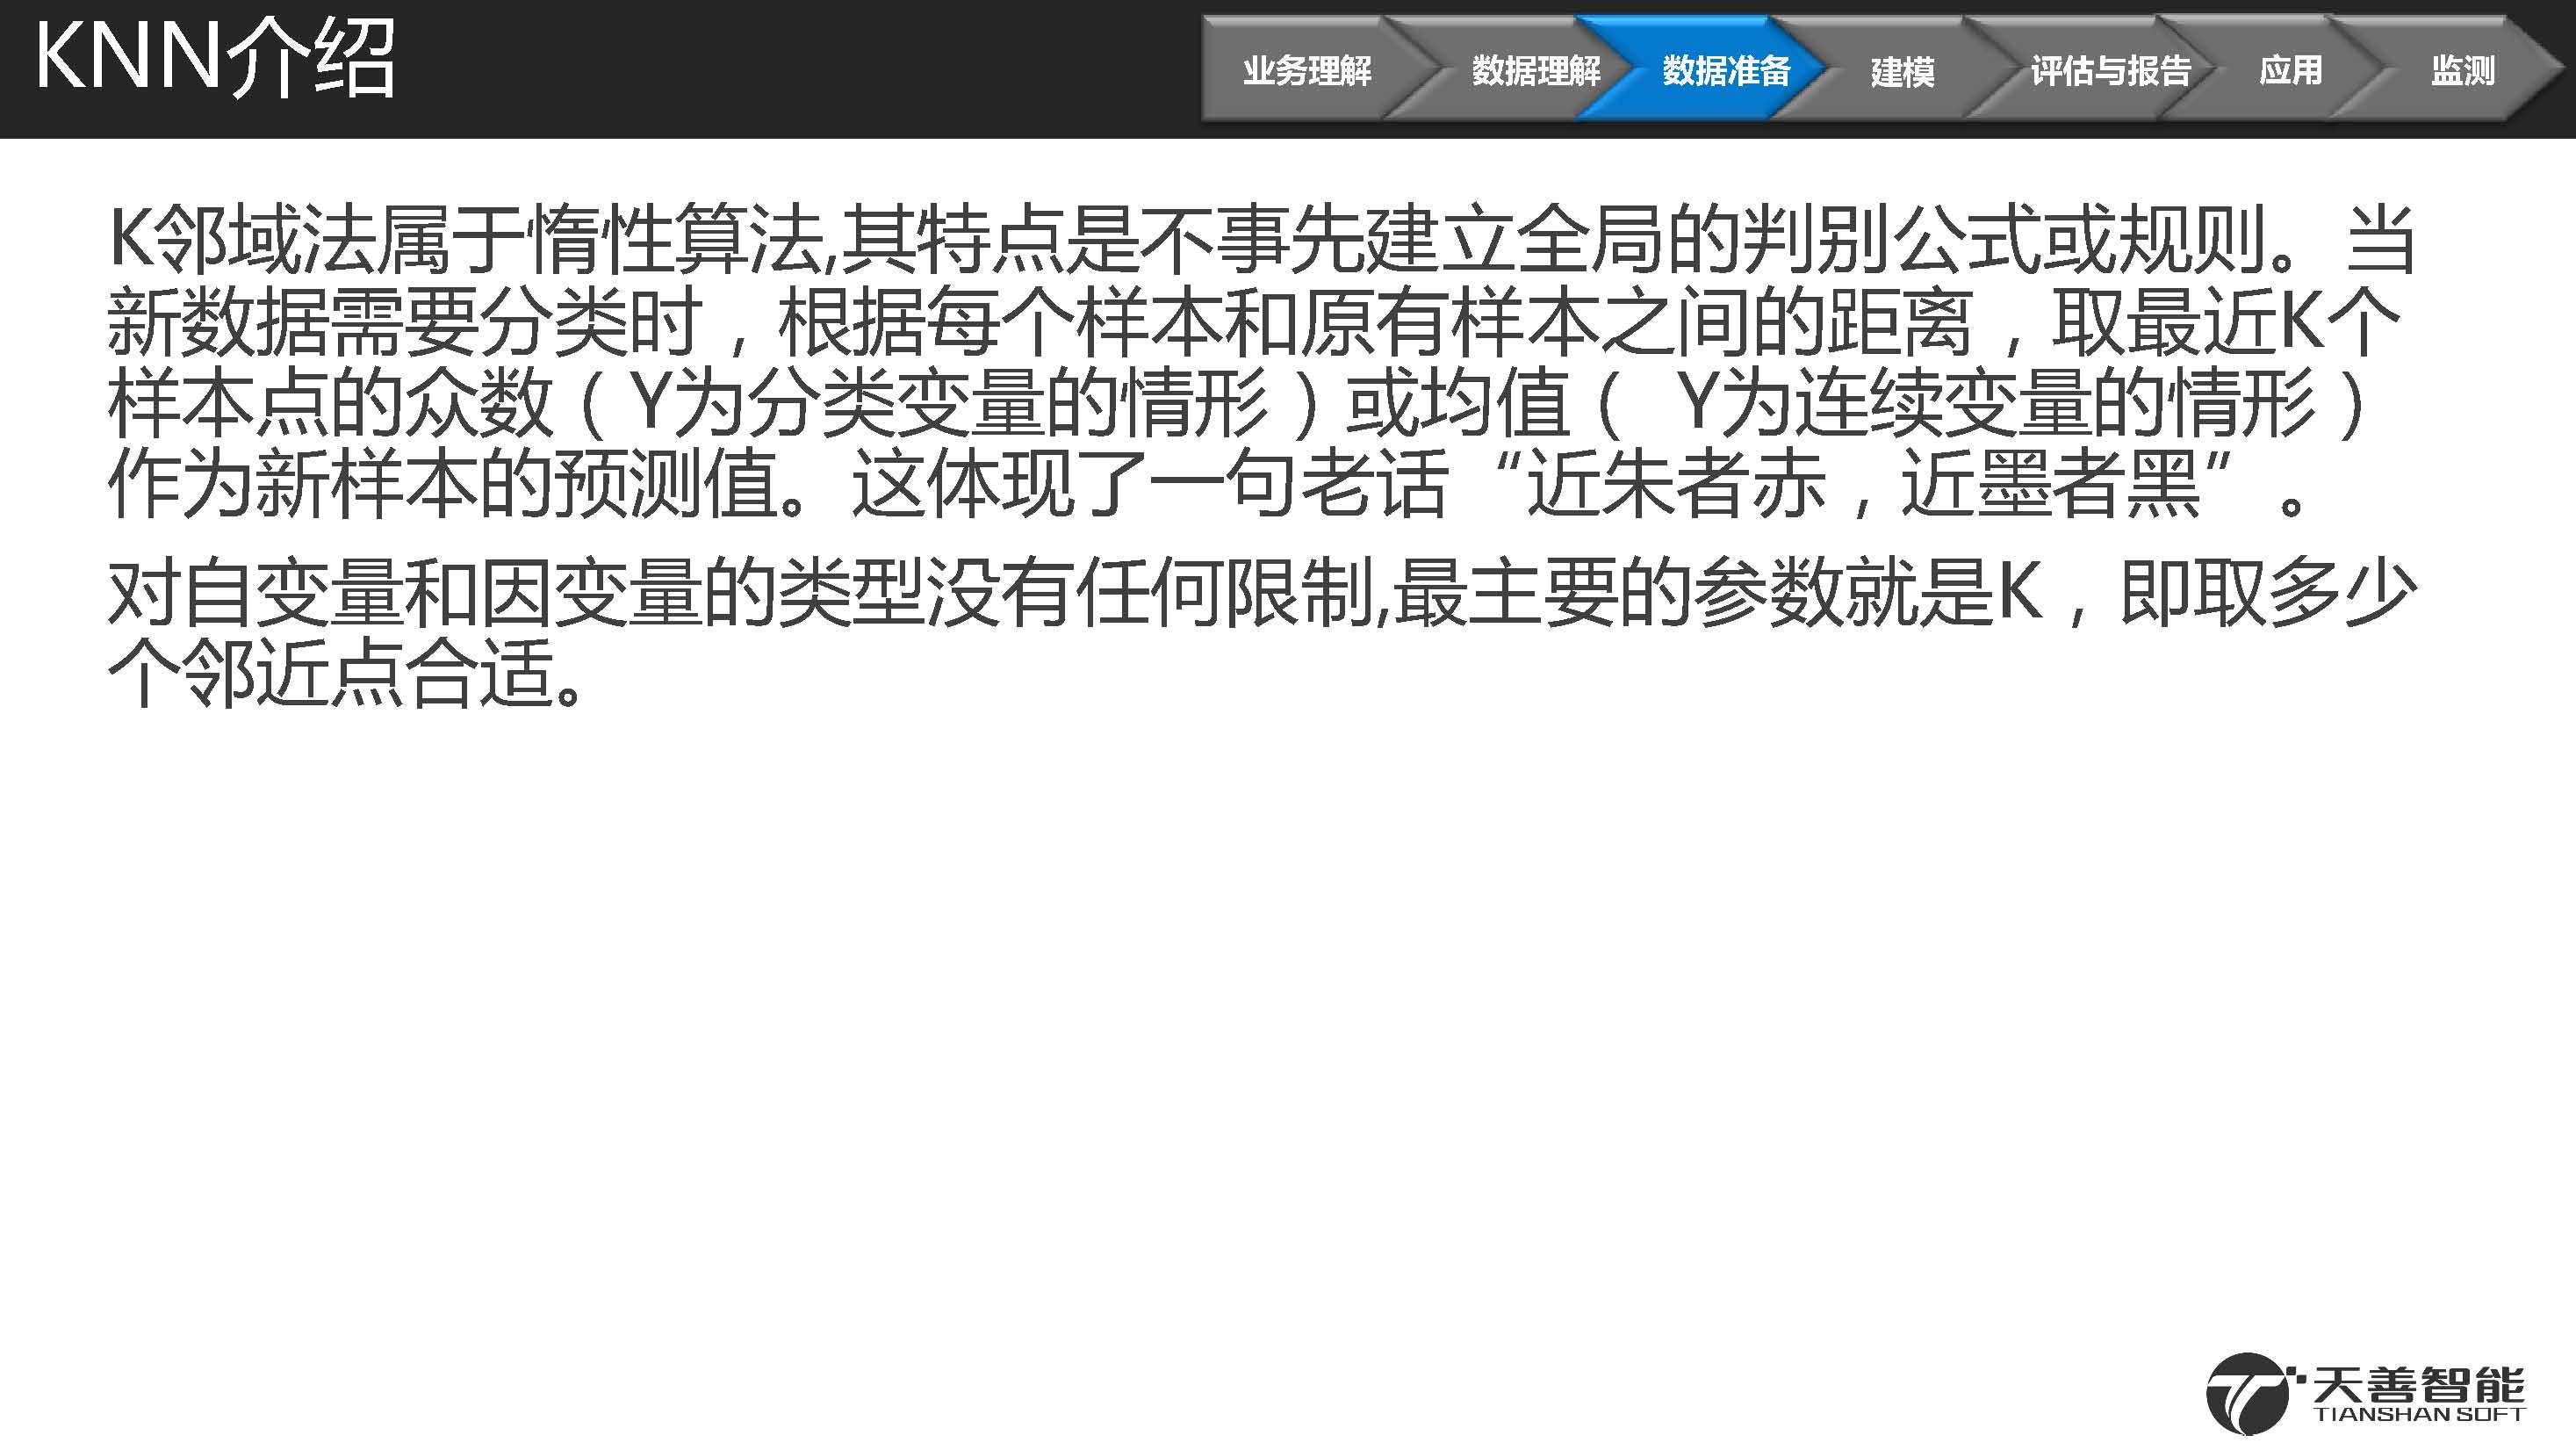 2汽车金融信用违约预测模型案例_页面_23.jpg